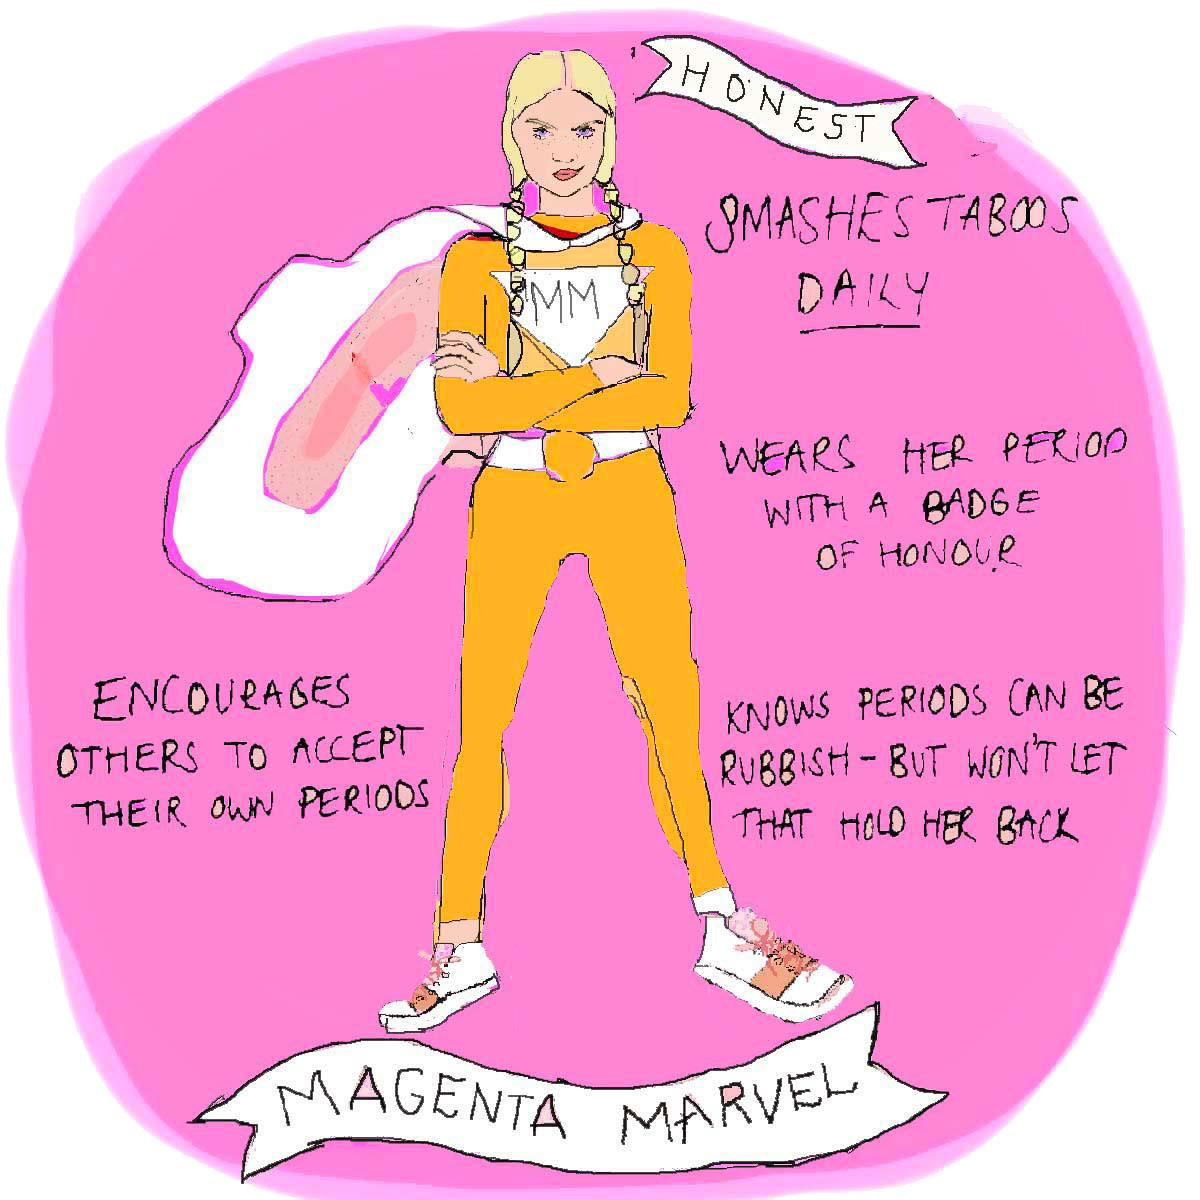 Magenta Marvel